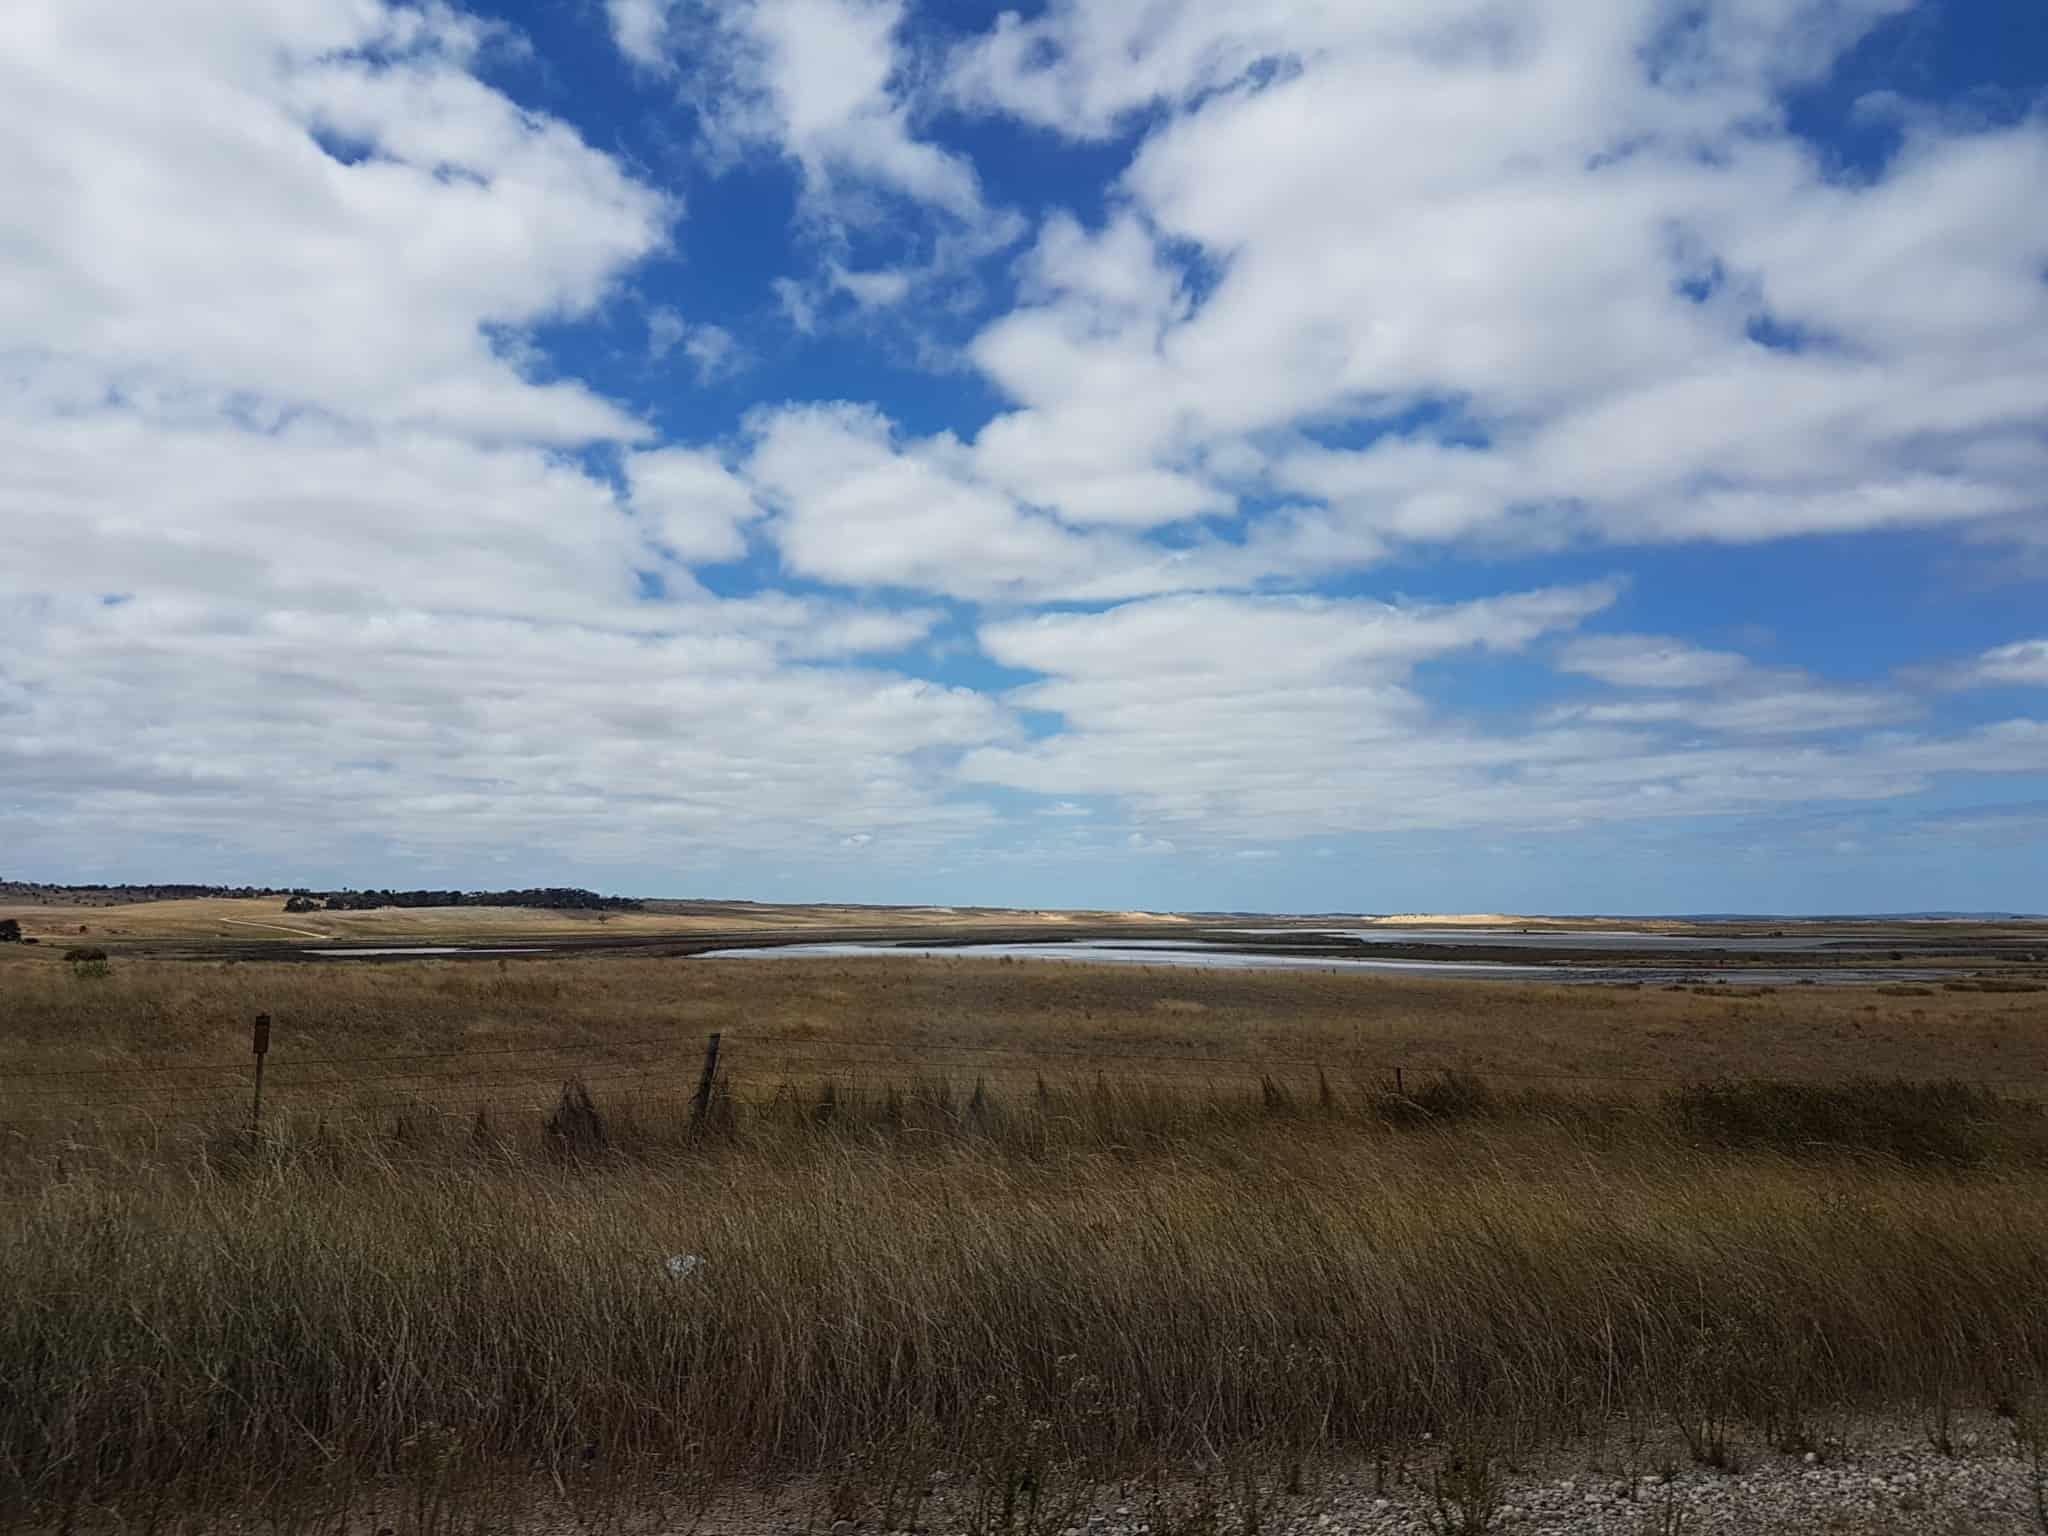 Australie, on loue une voiture pour faire la Great Ocean Road 🚗 6